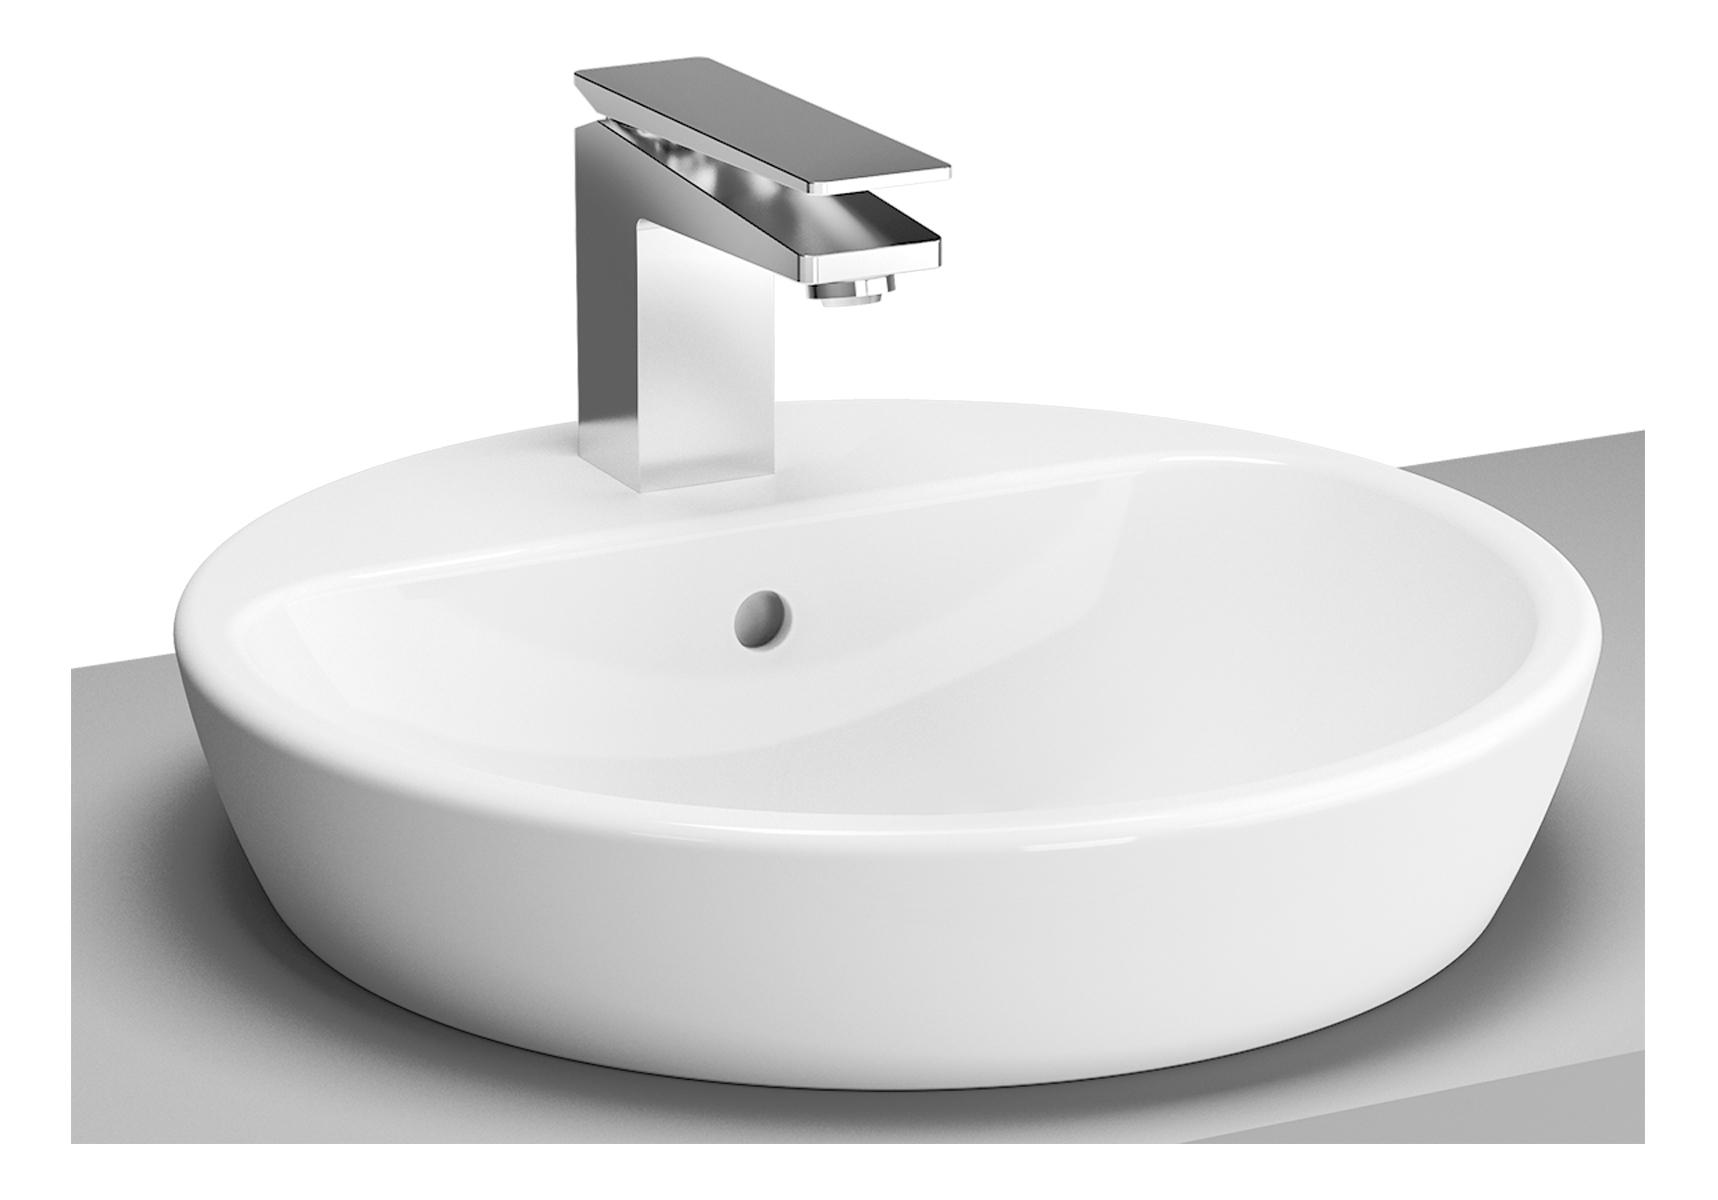 Metropole vasque à poser sur plan de toilette, Ø 44,5 cm, 1 trou de robinet central